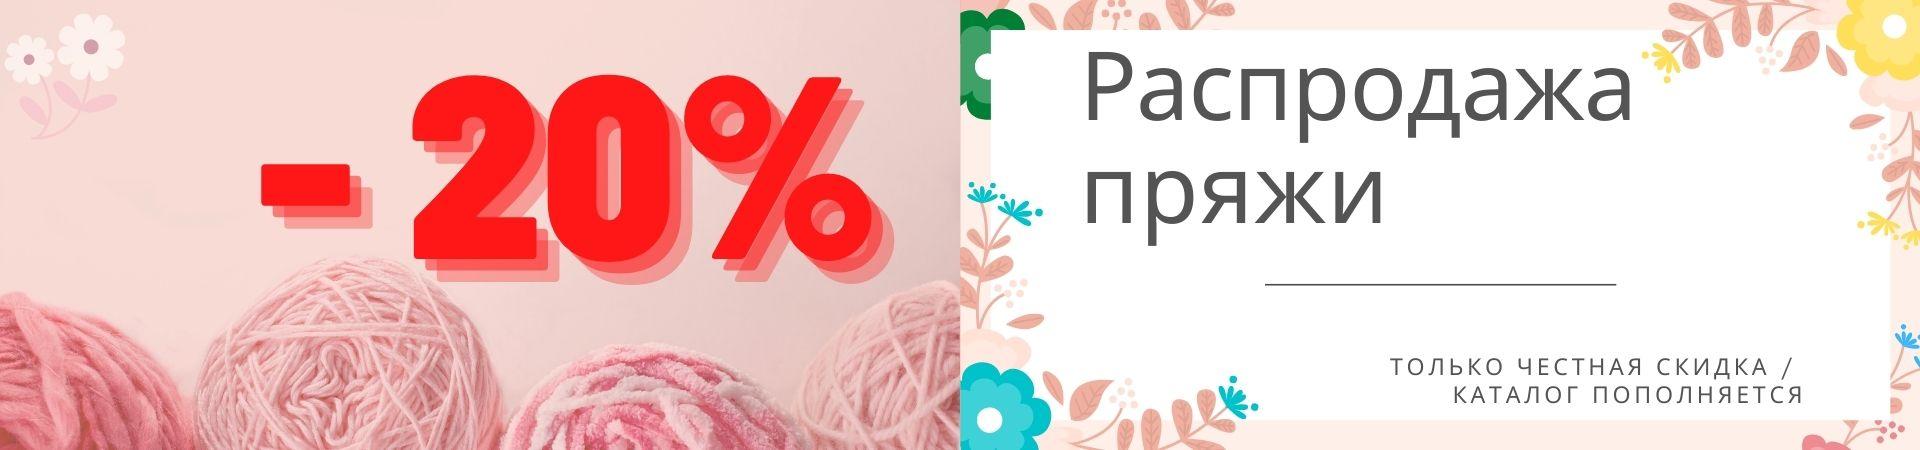 """Распродажа пряжи в интернет-магазине """"Хэппи-Хобби"""""""